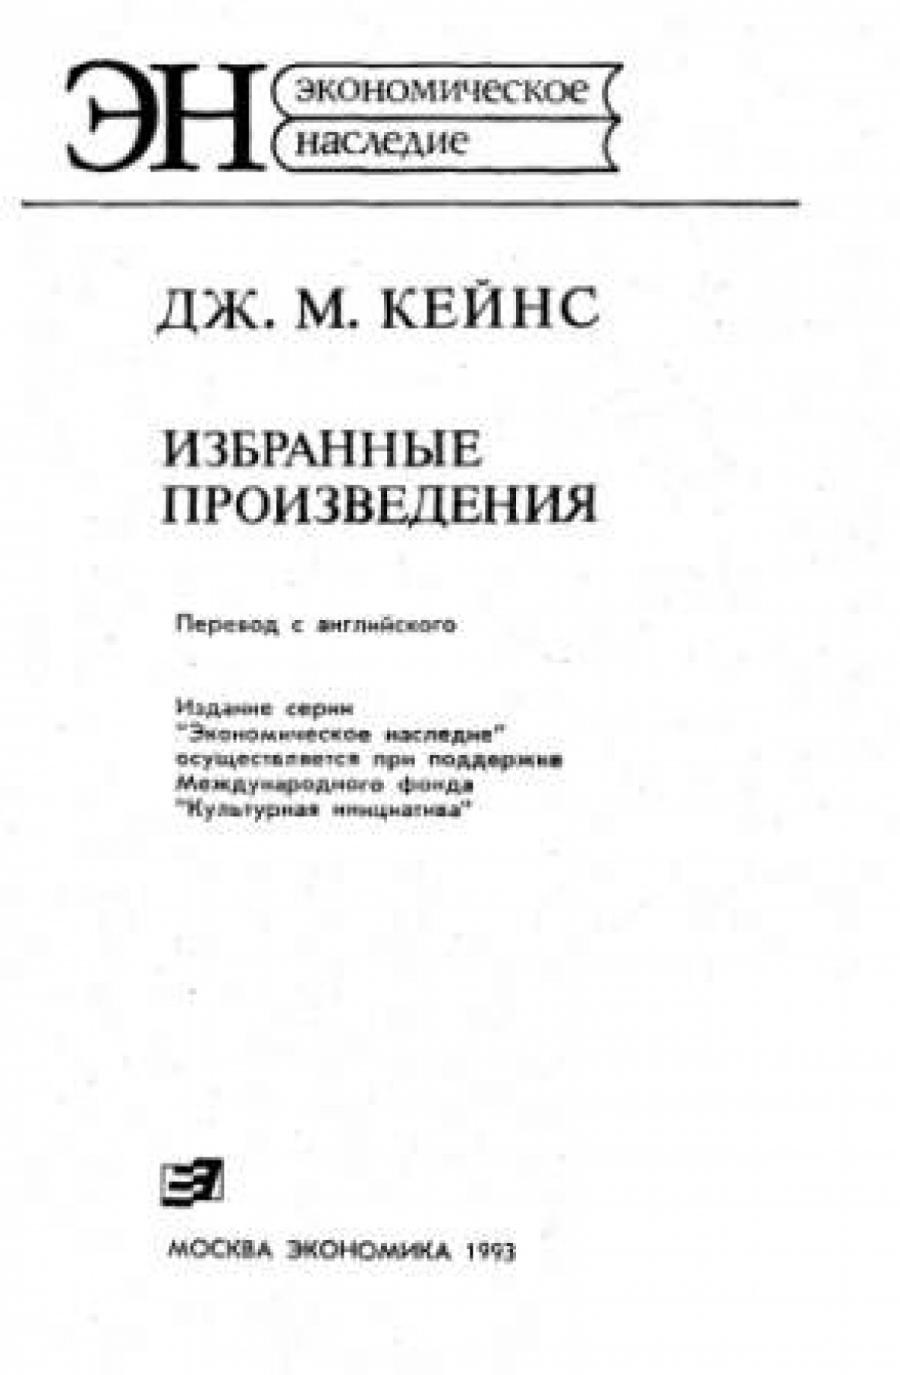 Обложка книги:  экономическое наследие - кейнс джон мейнард - избранные произведения